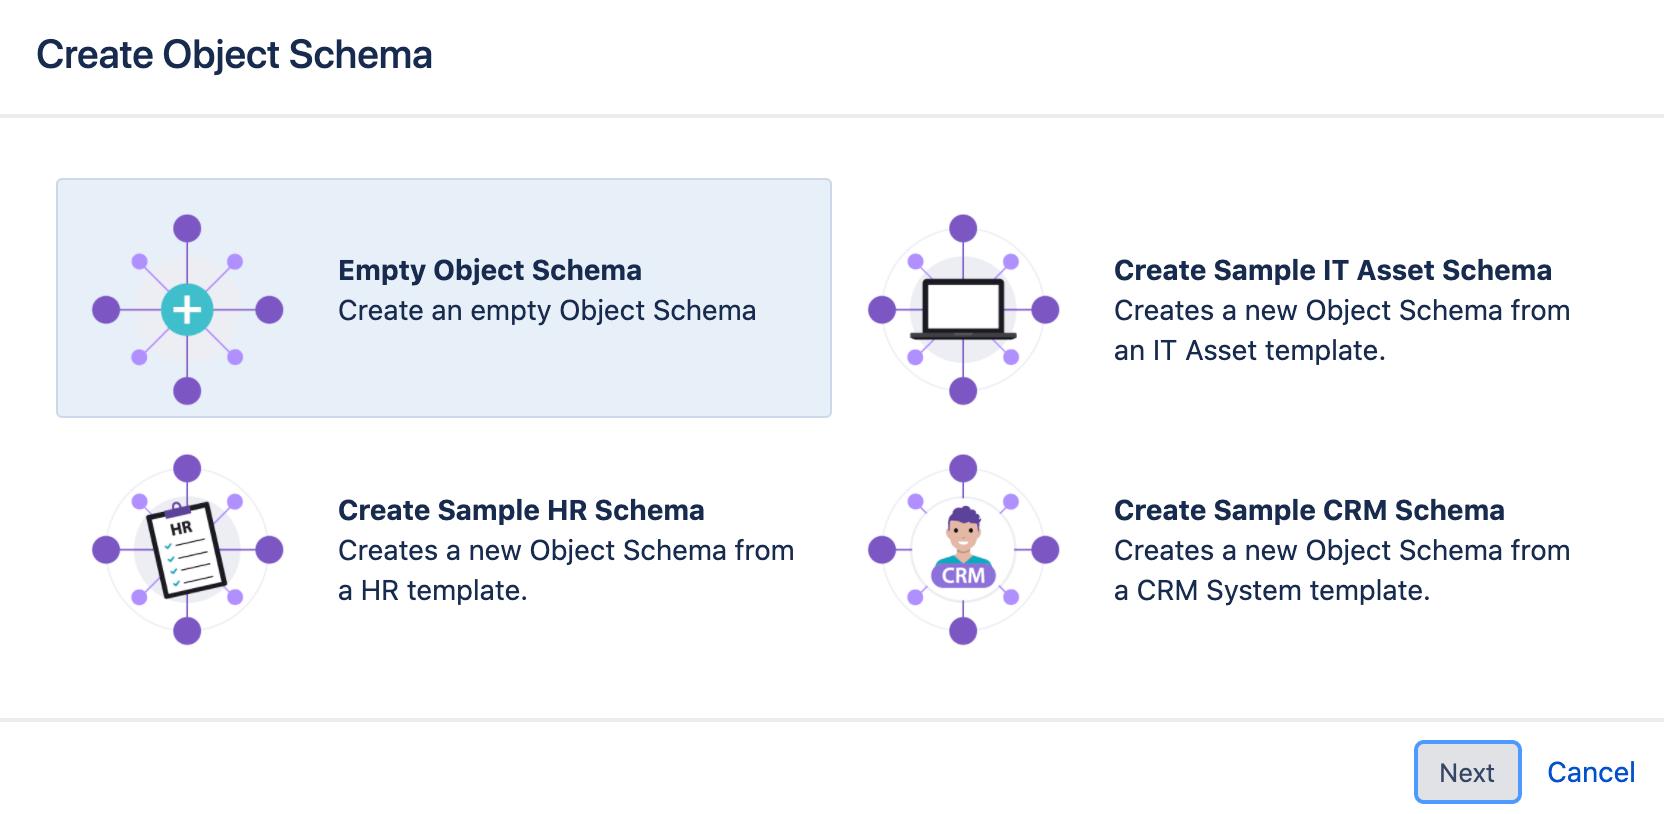 Formulier Objectschema aanmaken met de opties leeg schema, schema voor IT-asset, HR-schema en CRM-schema.